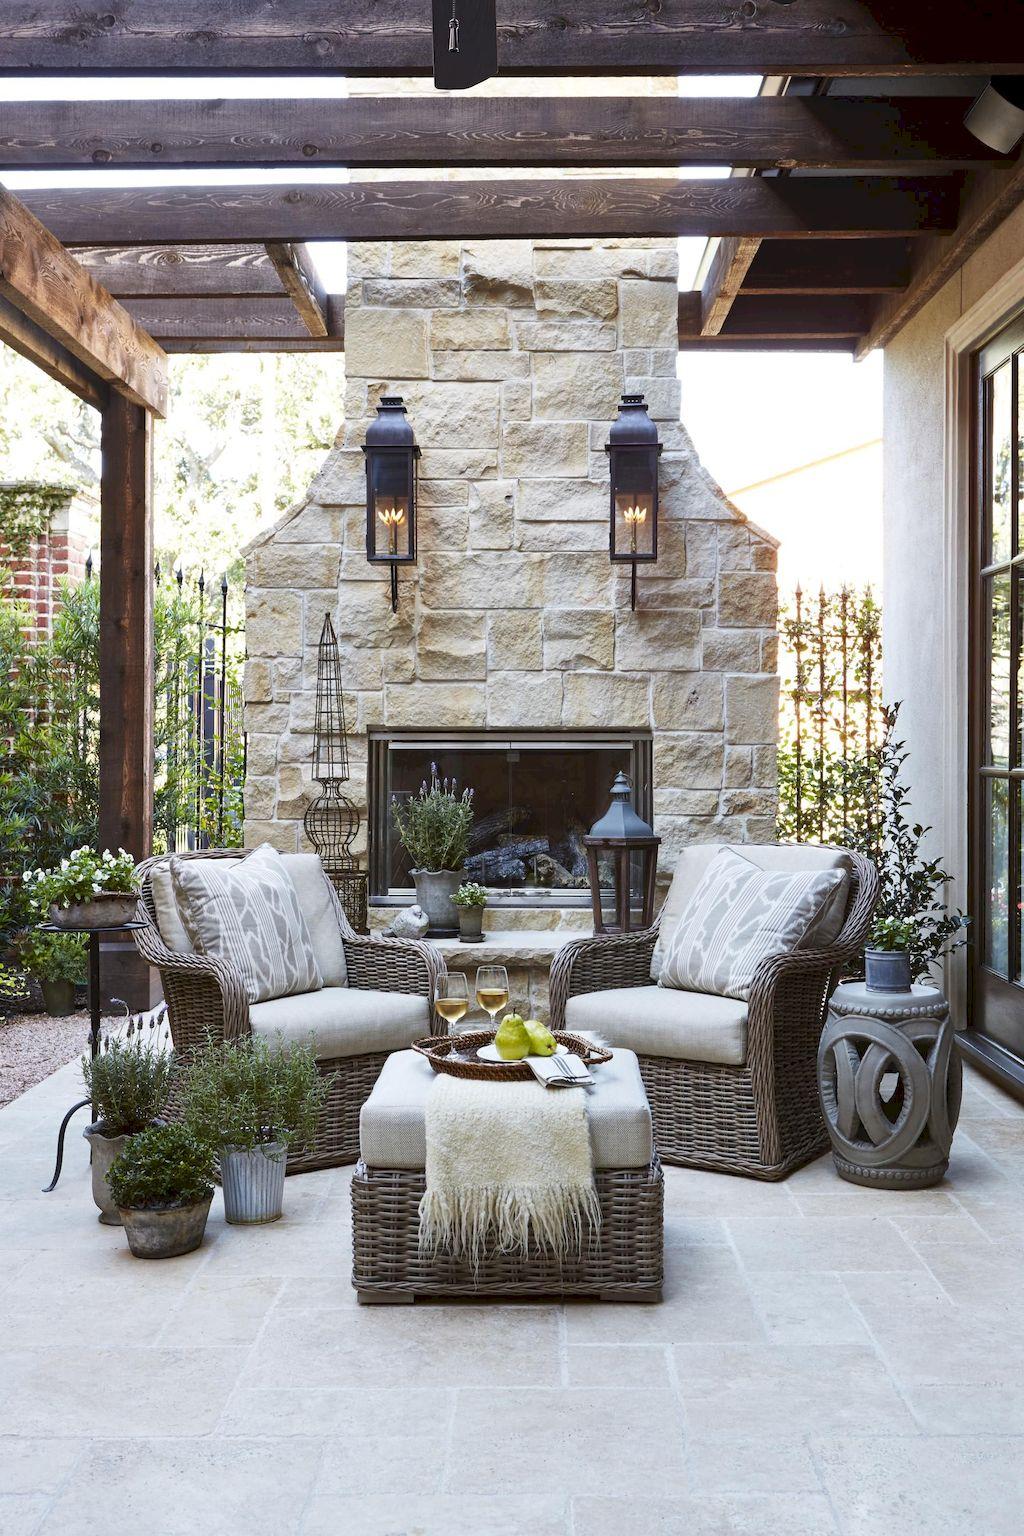 Backyard Fireplace095